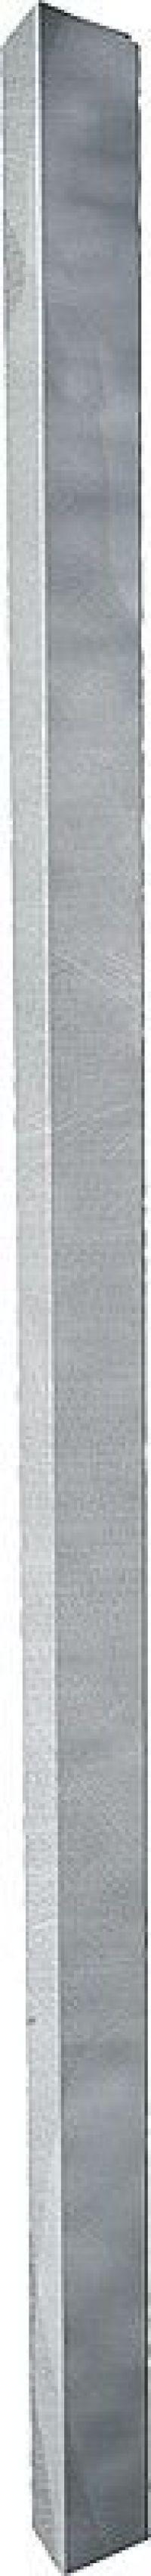 Metalen paal voor weidepoorten,80 x 80 mm l=2,00 m